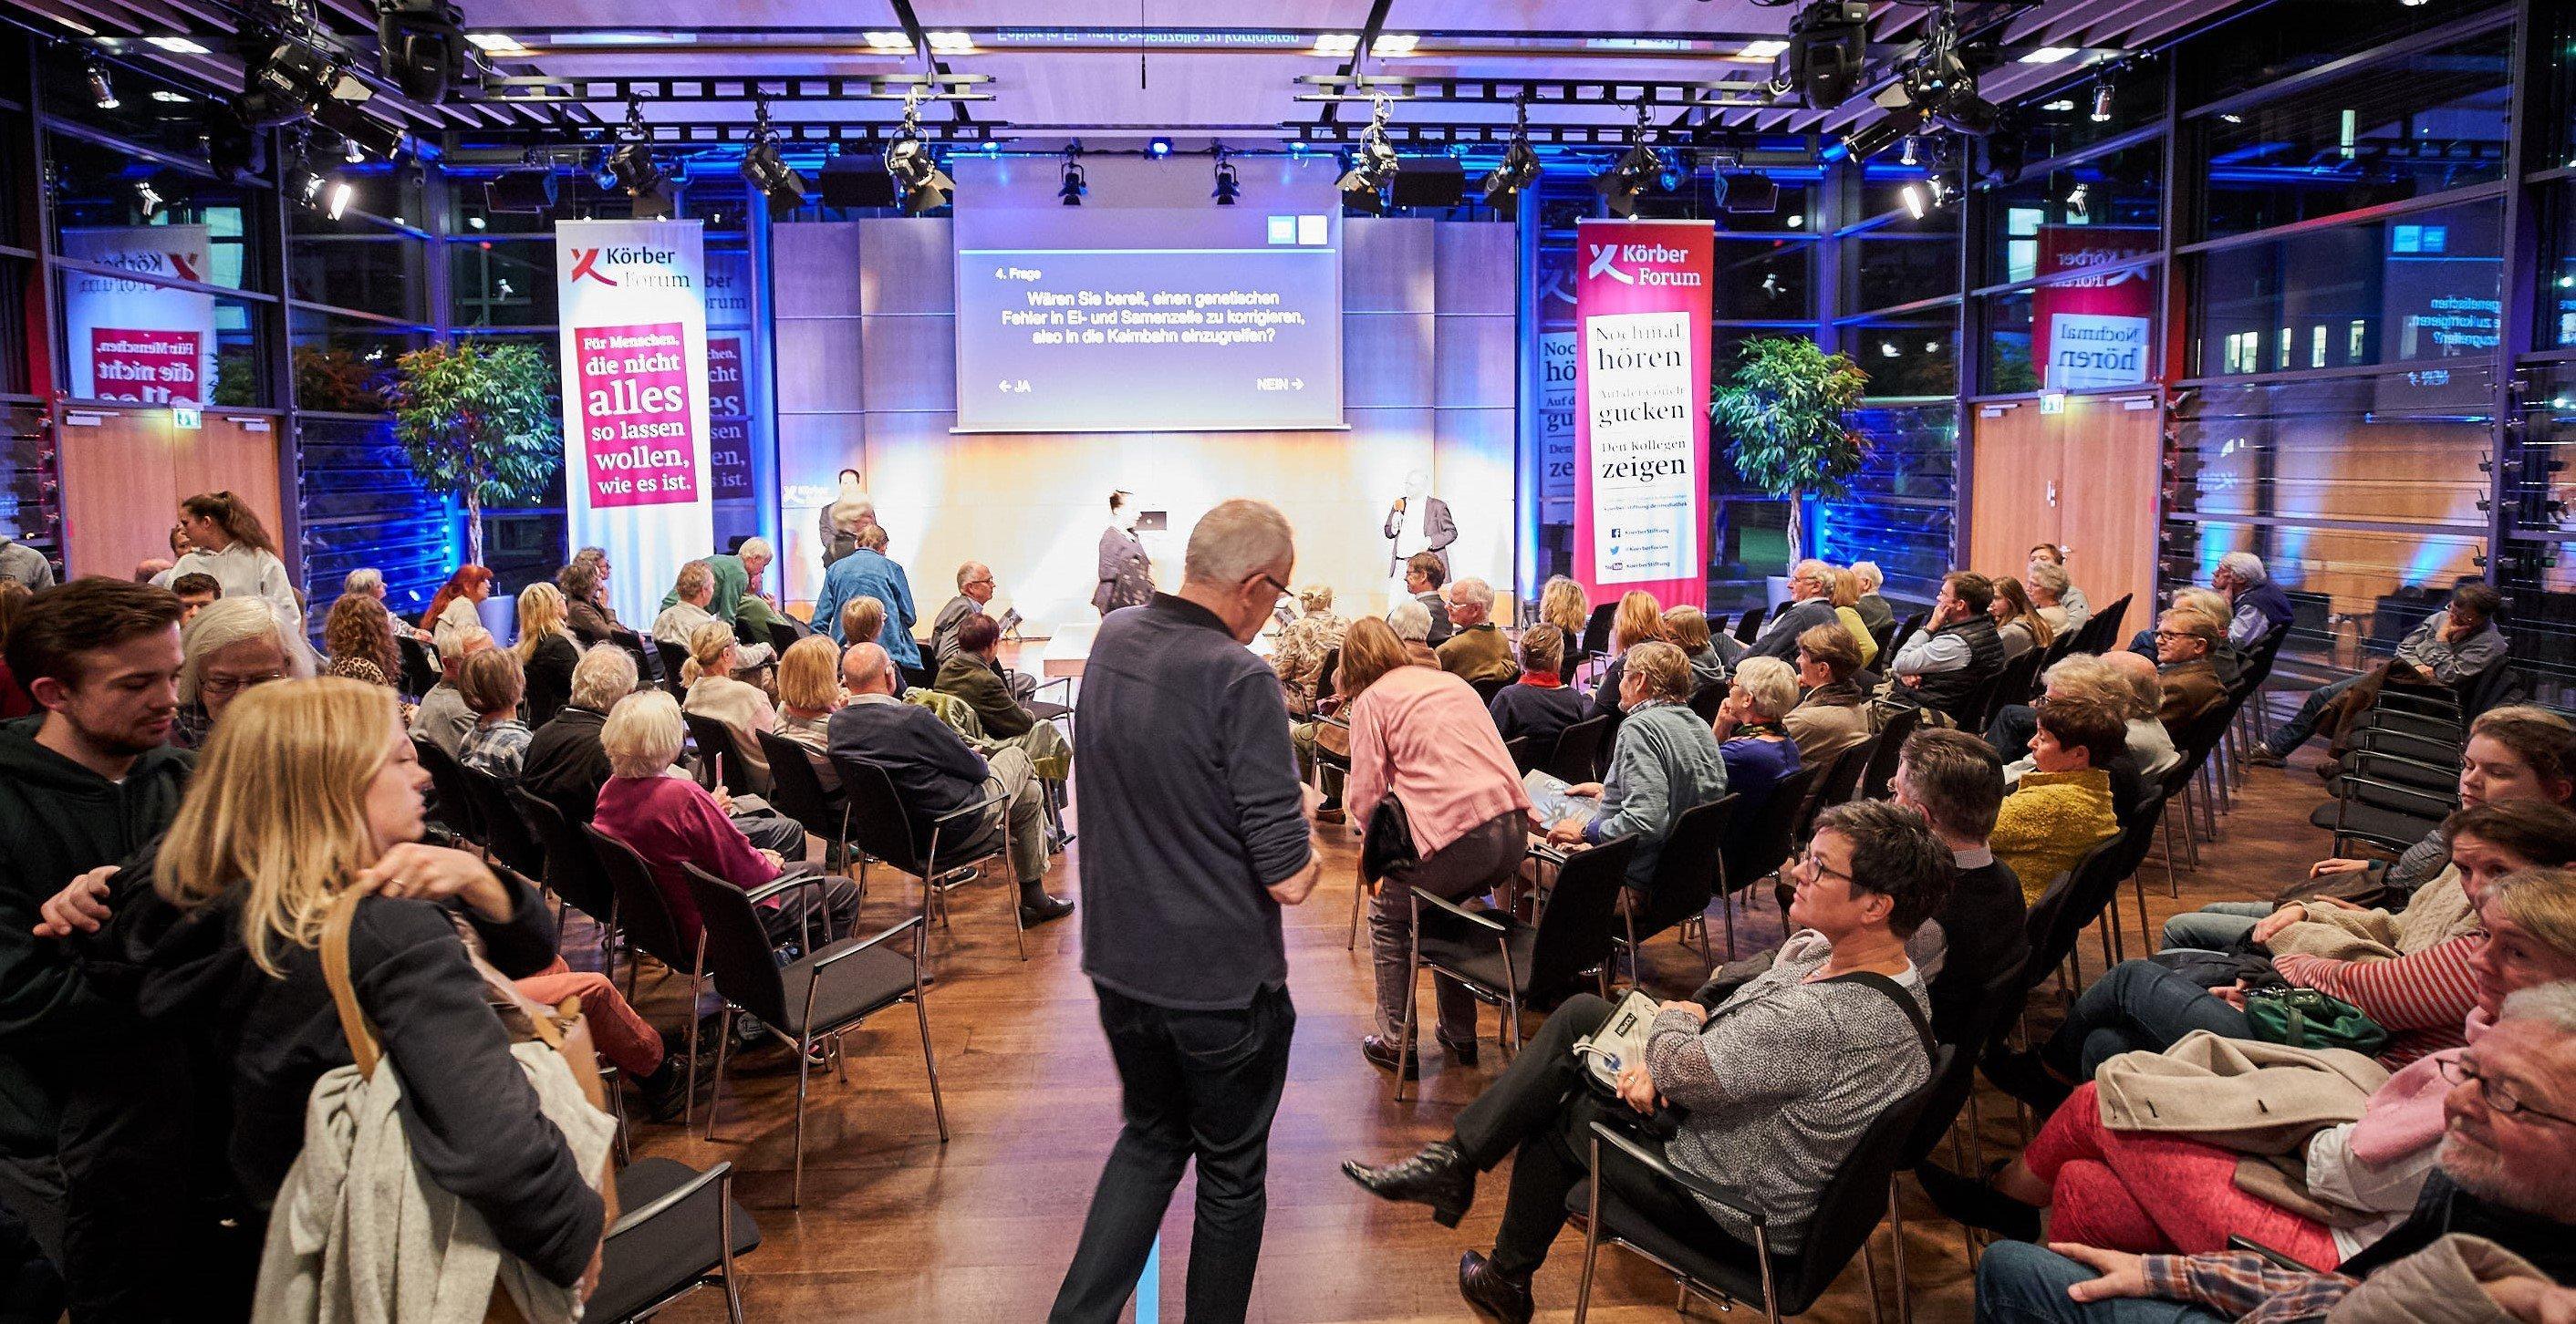 Körber-Forum in Hamburg: Das Publikum in Bewegung. Mit der Wahl des Sitzplatzes bringen die Teilnehmer ihre Meinung zum Ausdruck.